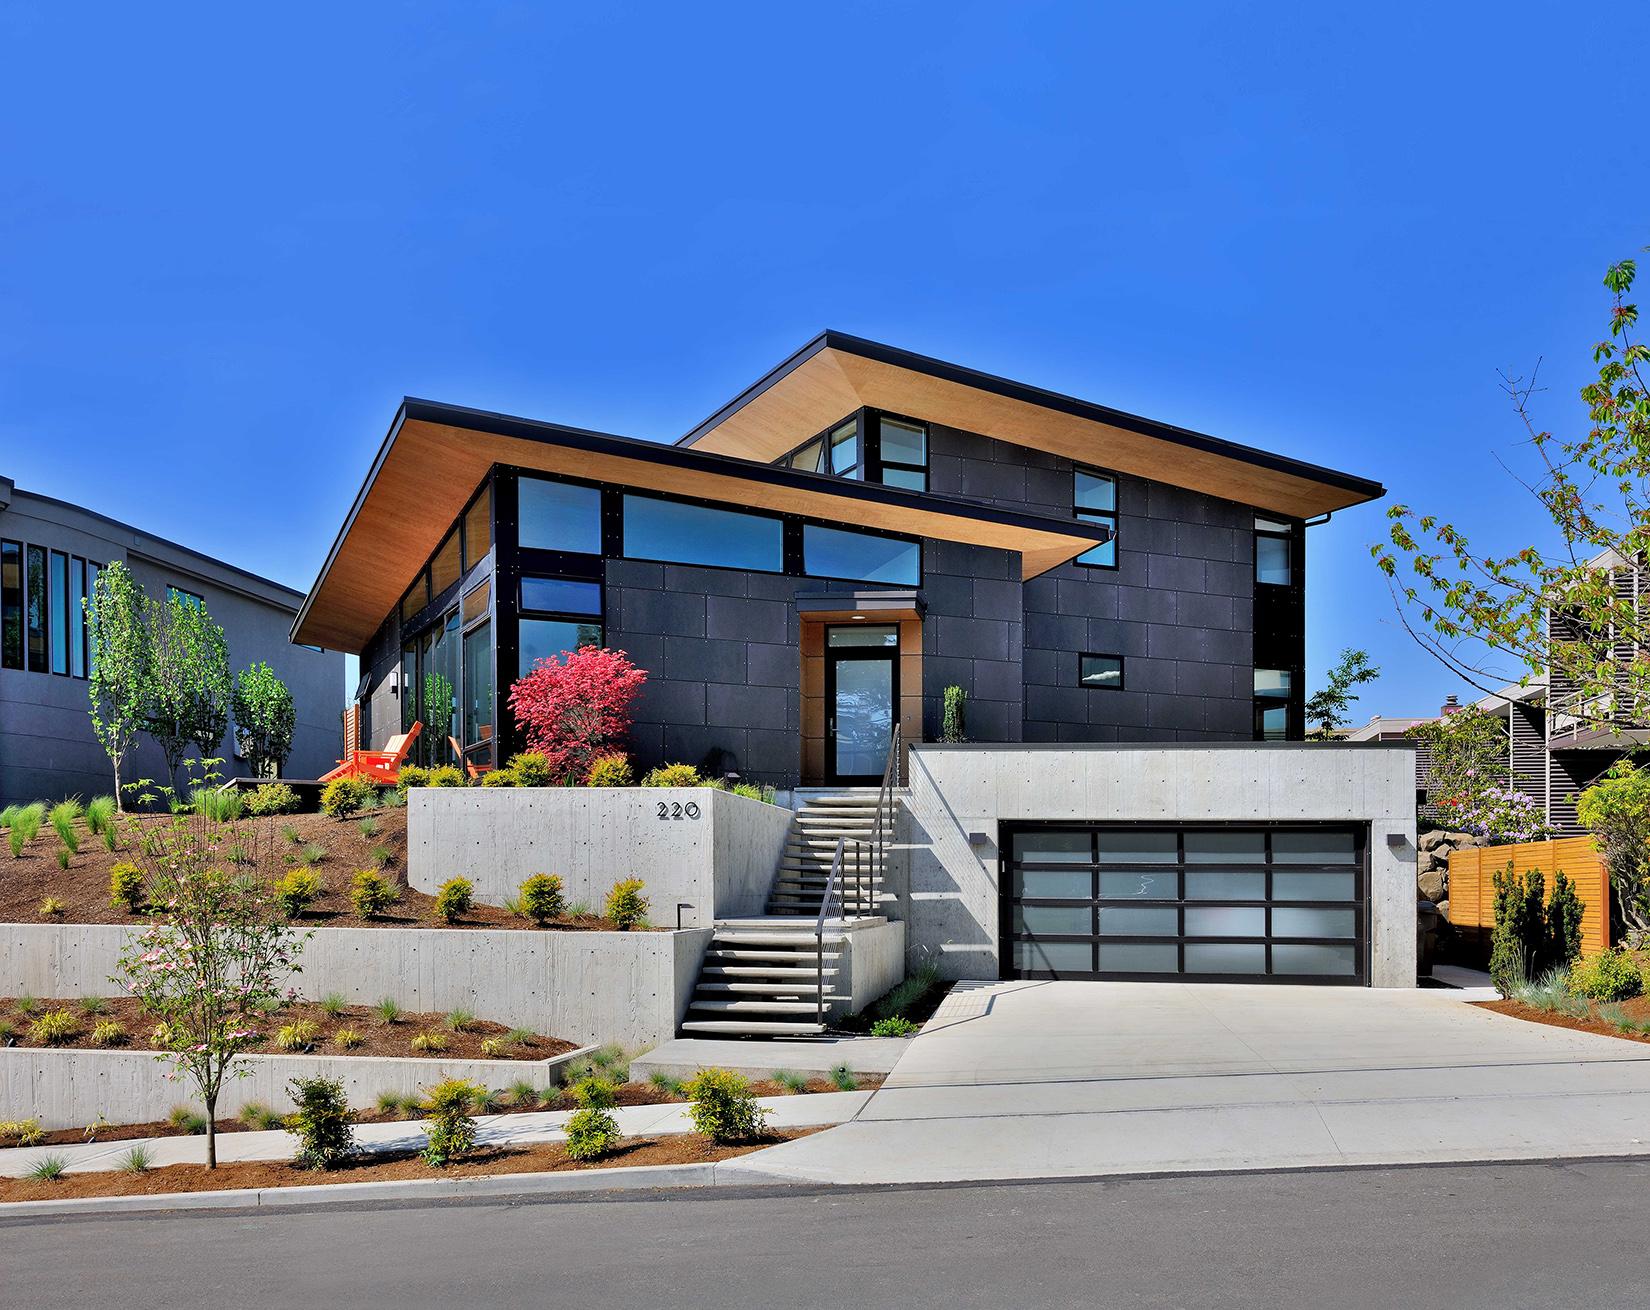 SingleFamily Custom Home Design MidCentury Modern